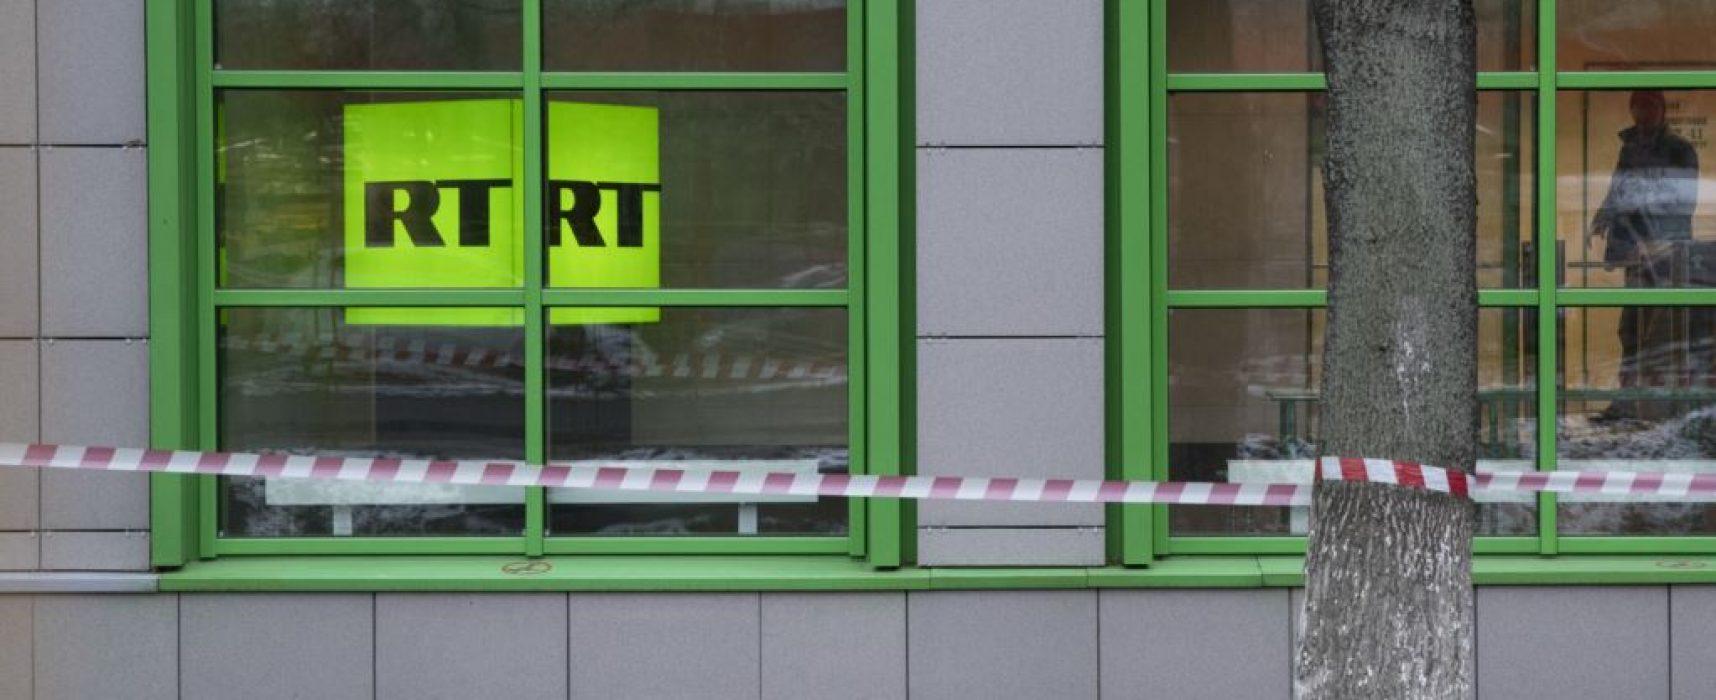 Stacja telewizyjna RT zarejestrowała się jako agent obcego państwa w USA